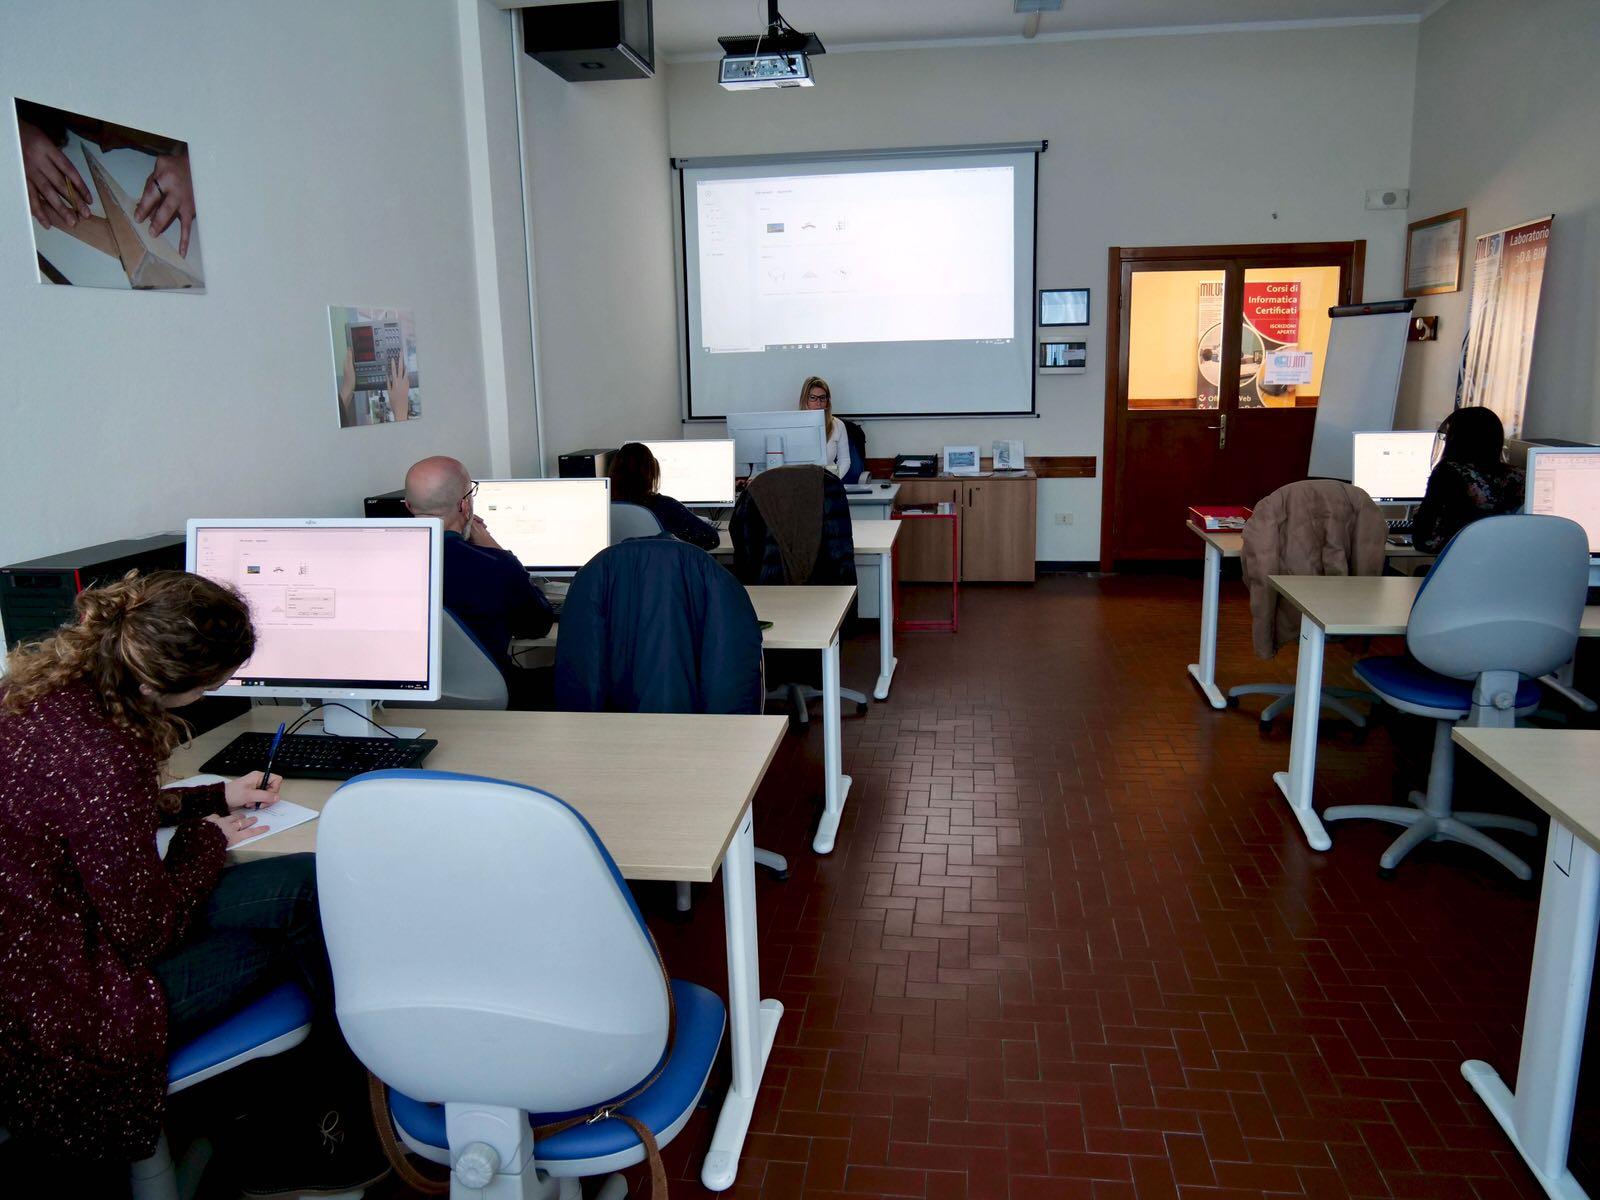 Inaugurata al Centro San Salvatore - Villaggio del Ragazzo la nuova aula dedicata al Building Information Modeling (BIM) - 3